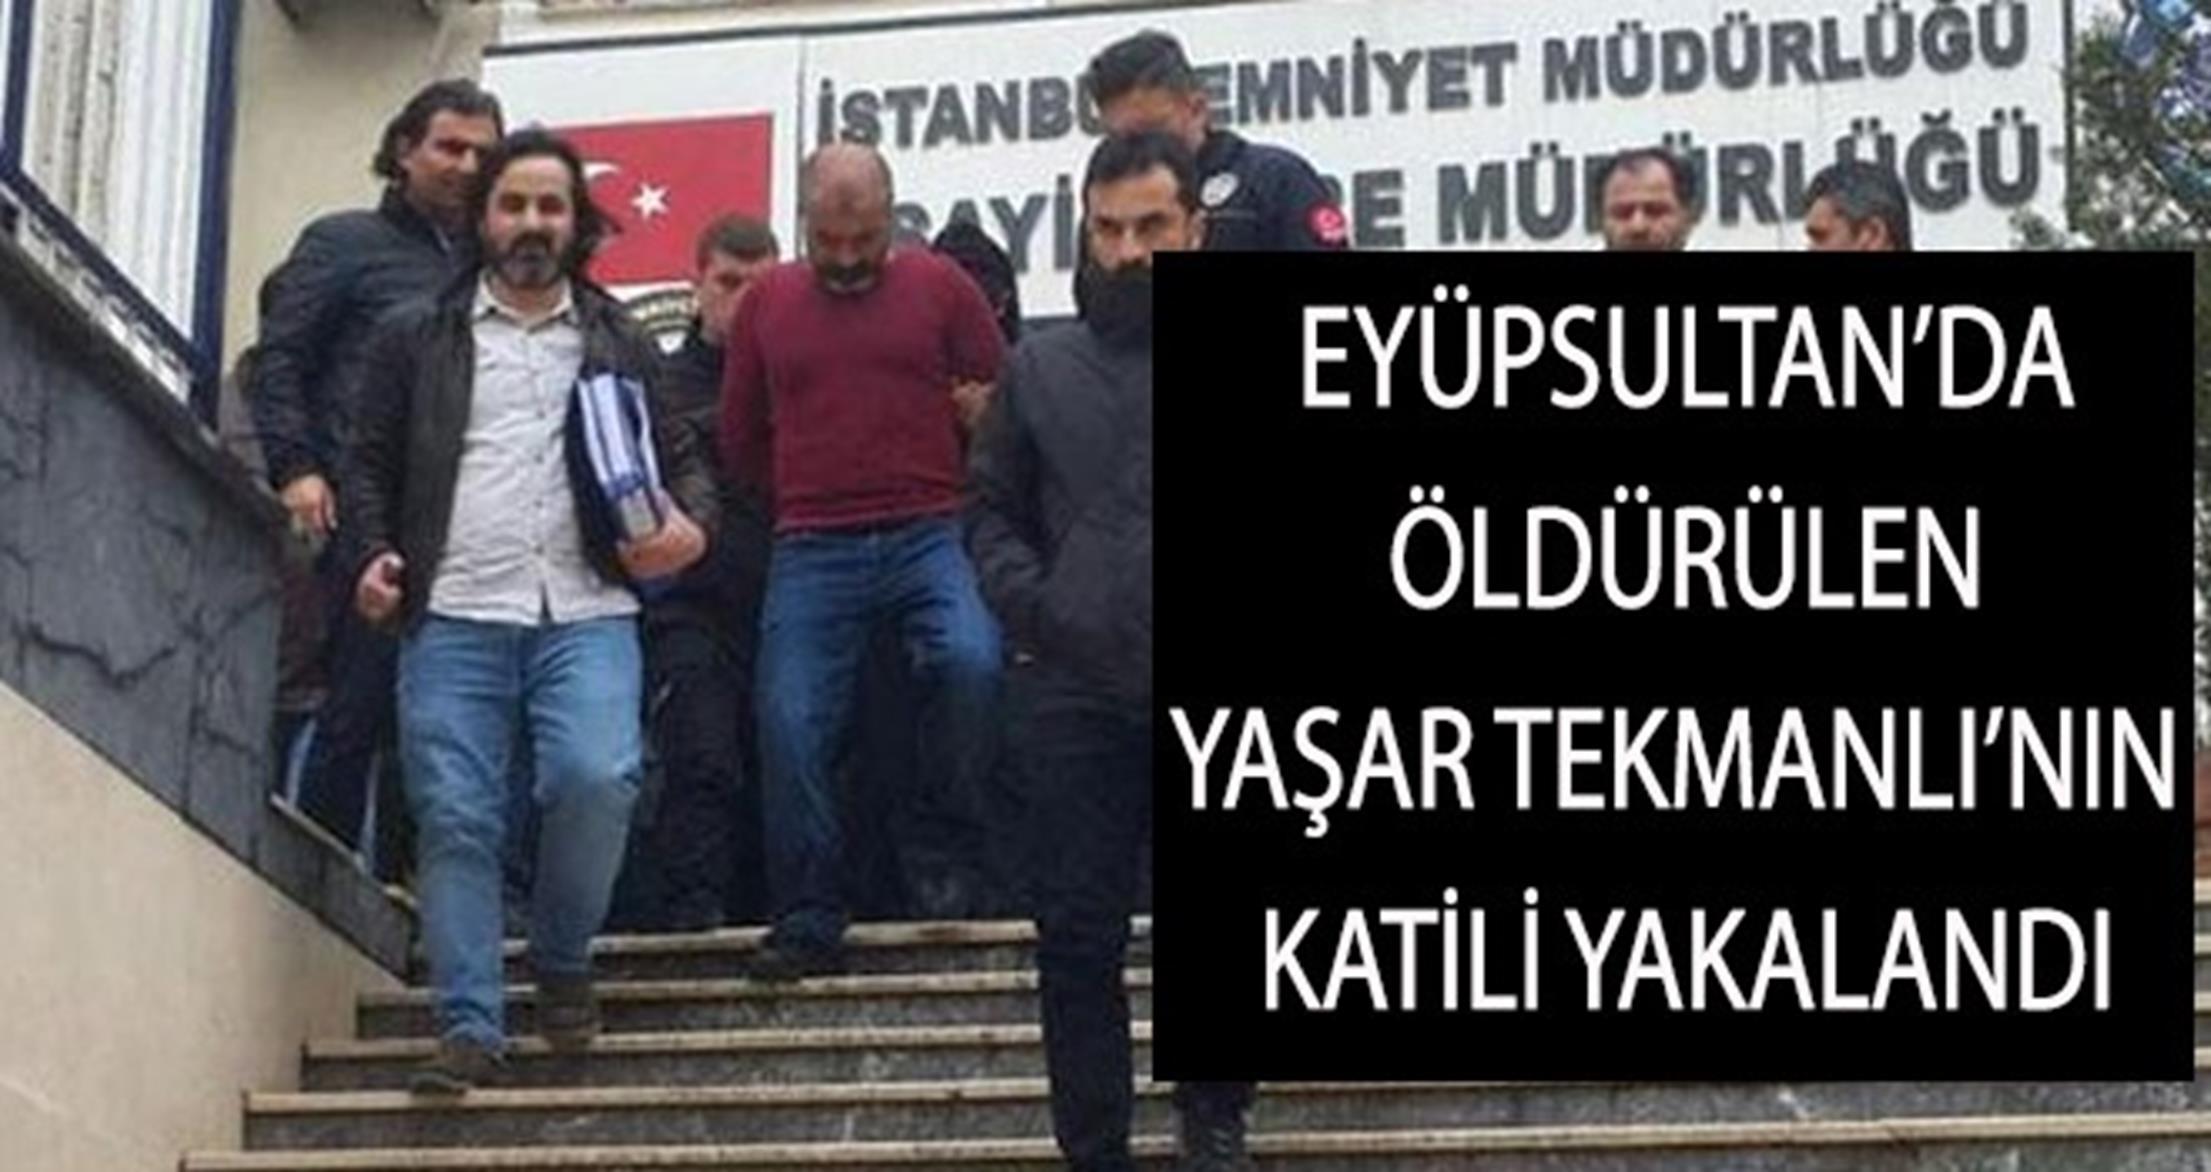 Erzurumlu işadamının katili yakalandı